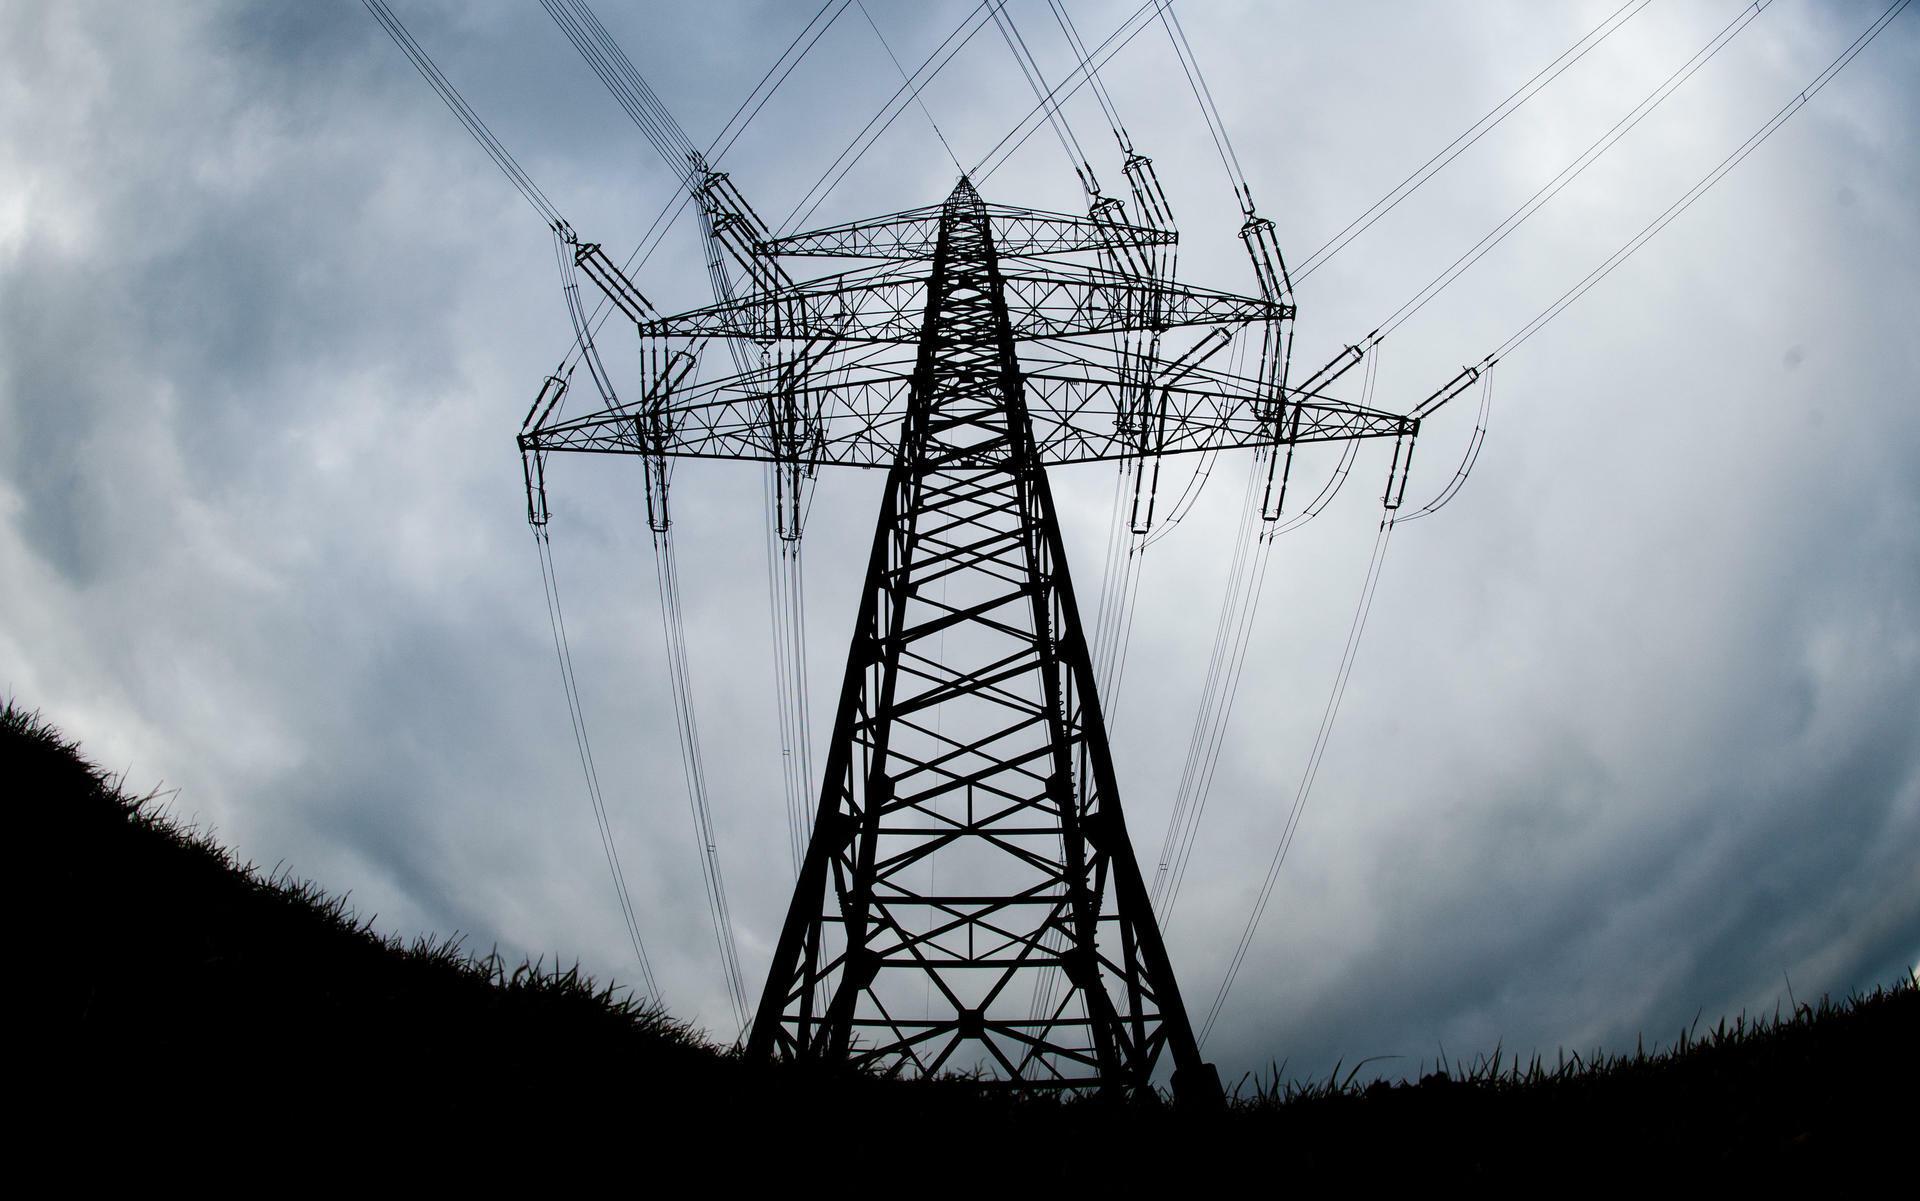 Care Energy Energieversorger Verliert Nach Kündigungen Viele Kunden